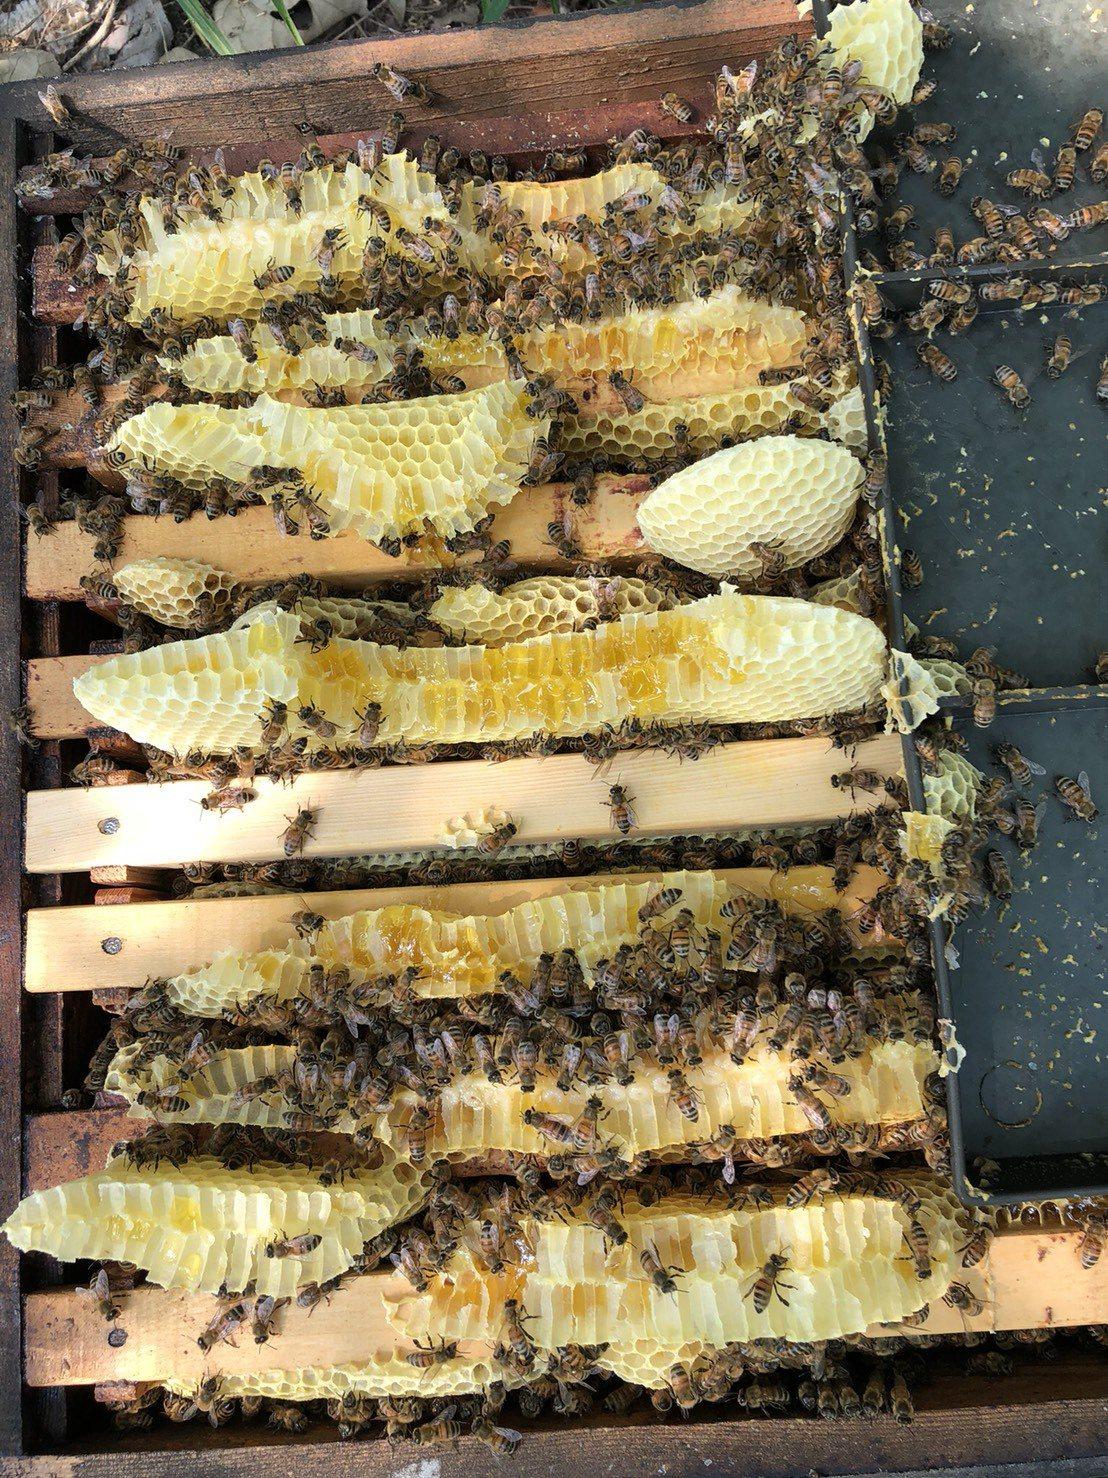 全球暖化衝擊蜂蜜產量。圖/蜂農徐陳森提供